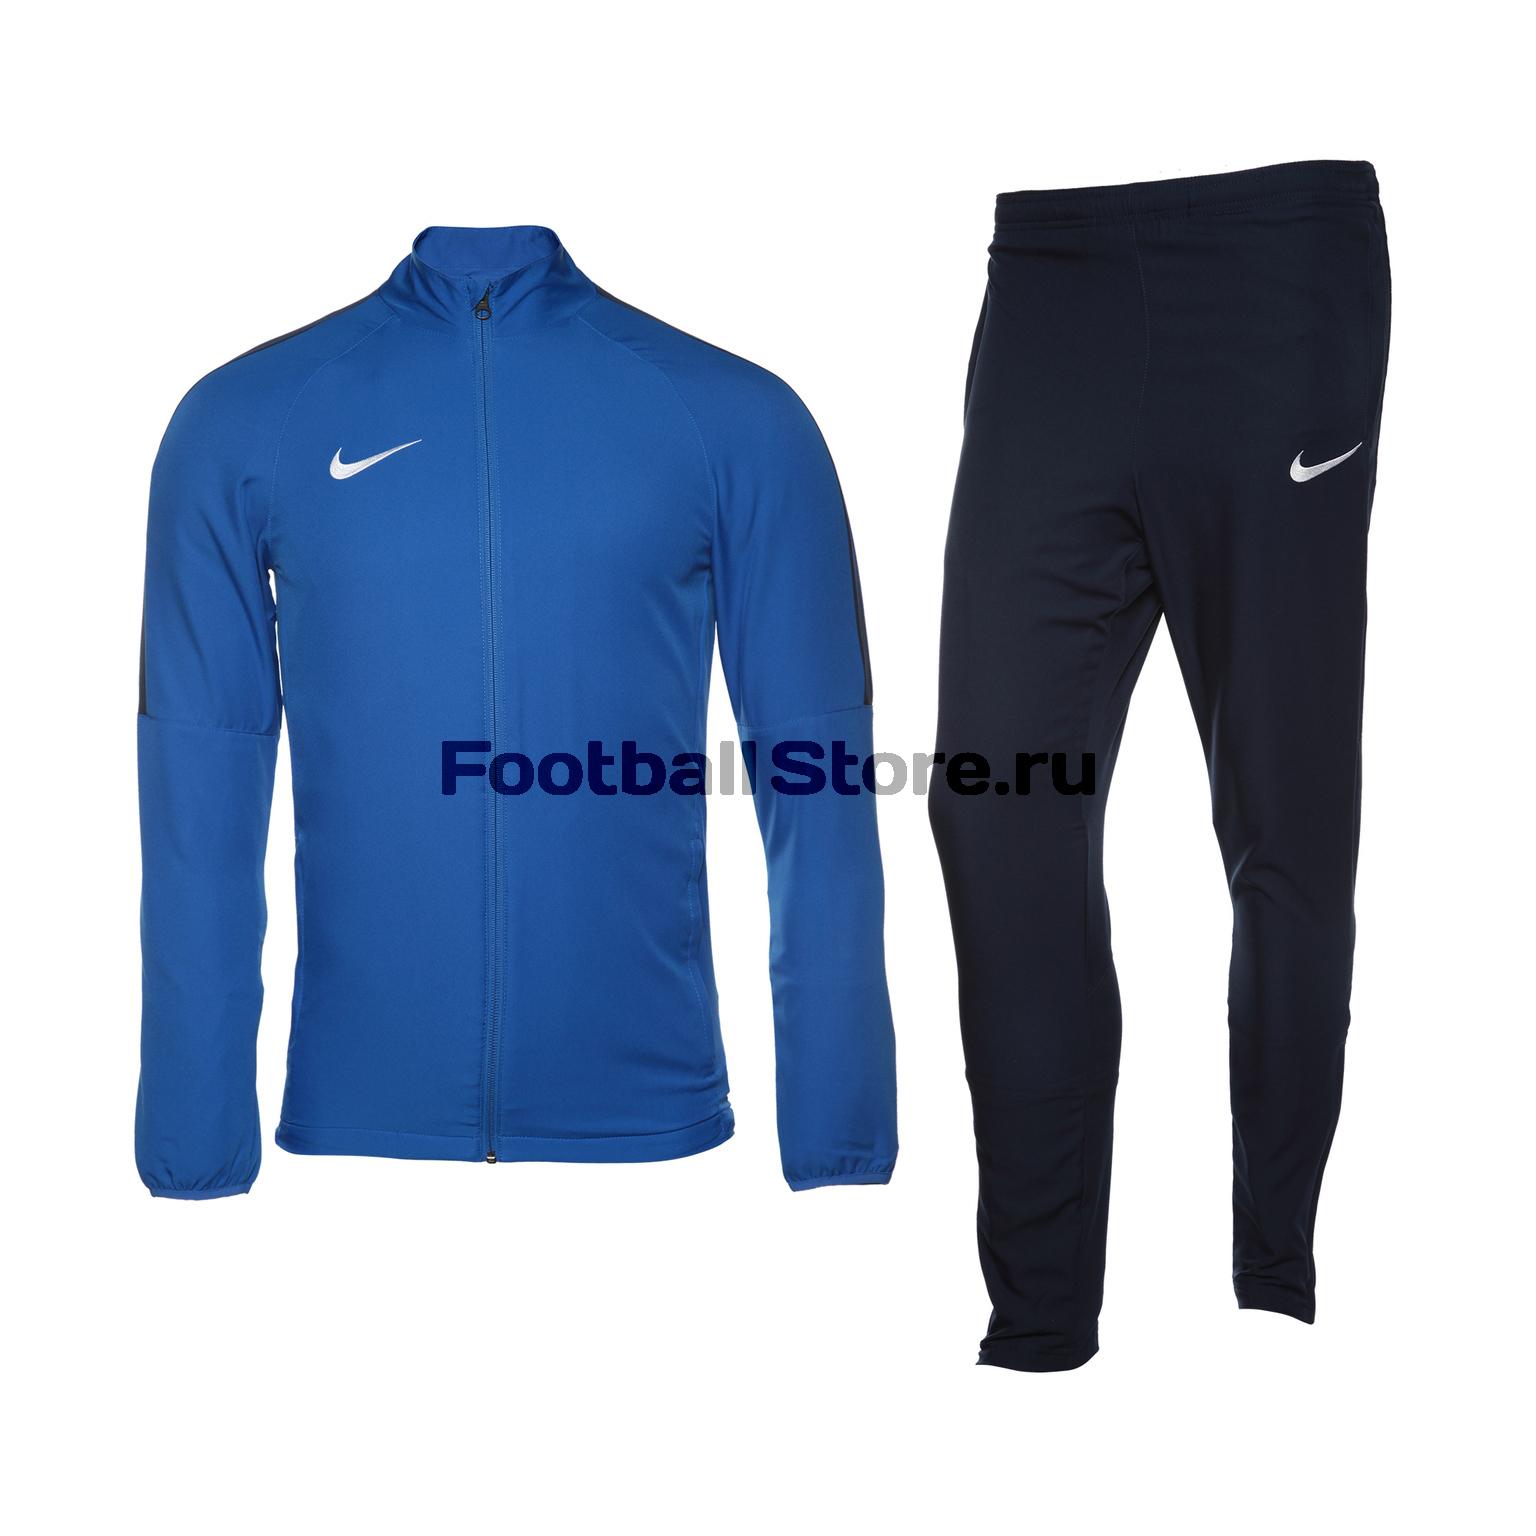 Костюм спортивный Nike Dry Academy18 TRK Suit W 893709-463 костюм спортивный nike dry academy18 trk suit w 893709 361